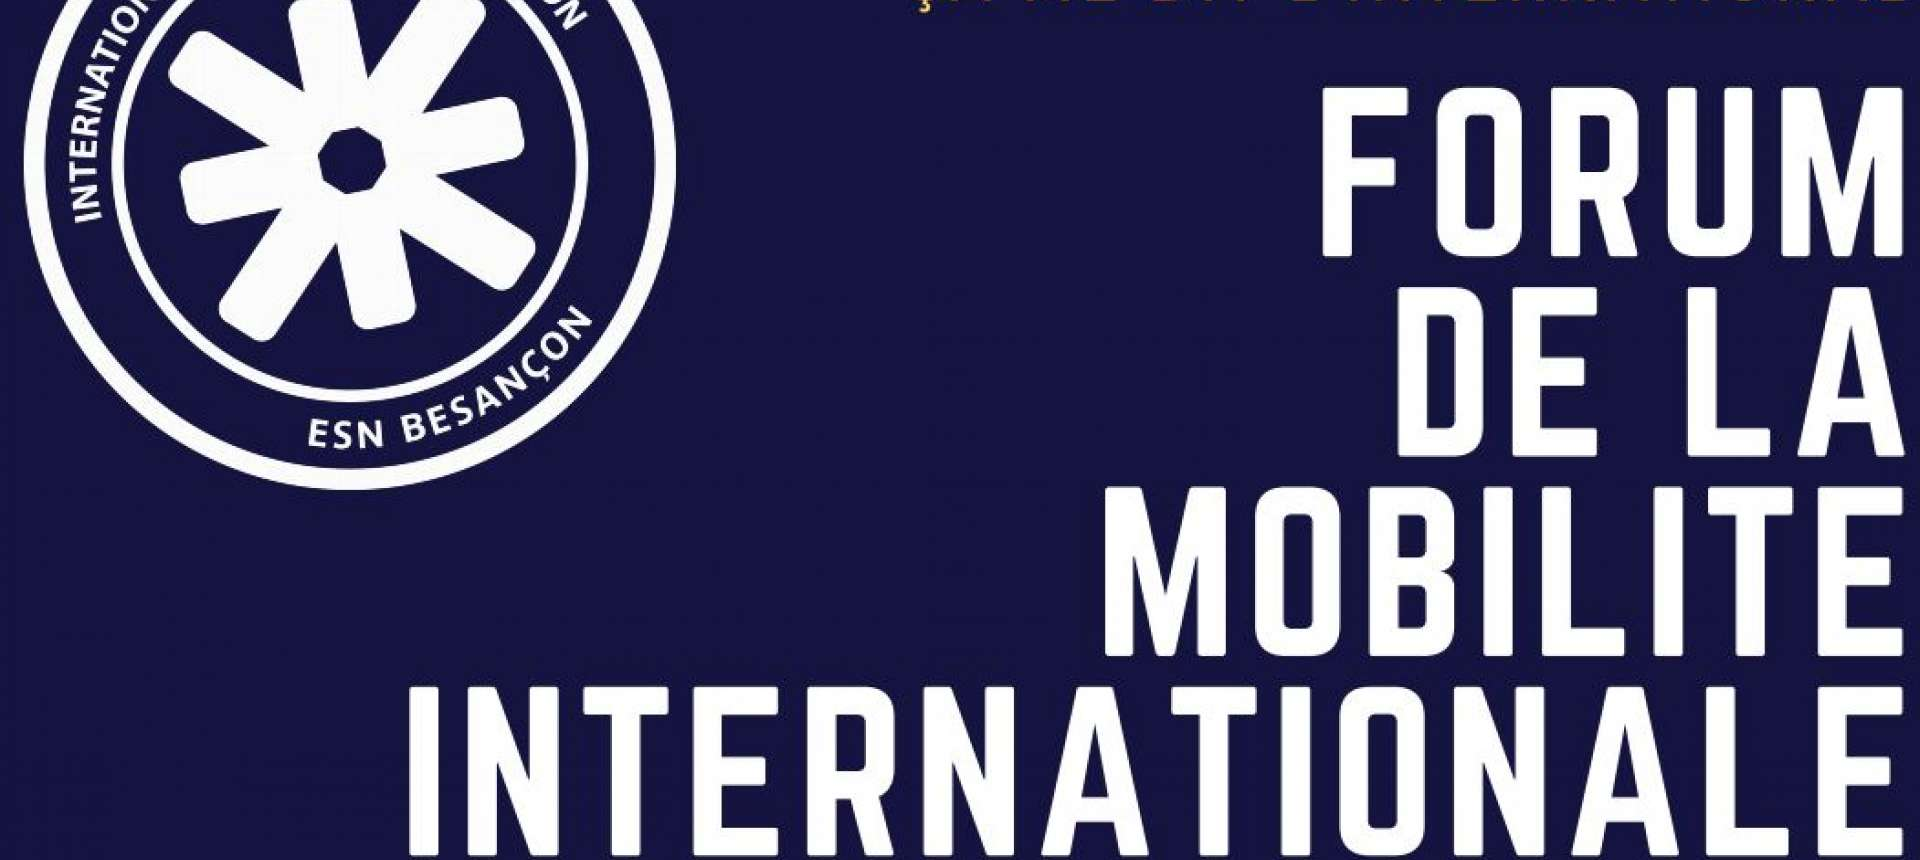 Forum de la mobilité internationale le samedi 1er février 2020 à Besançon